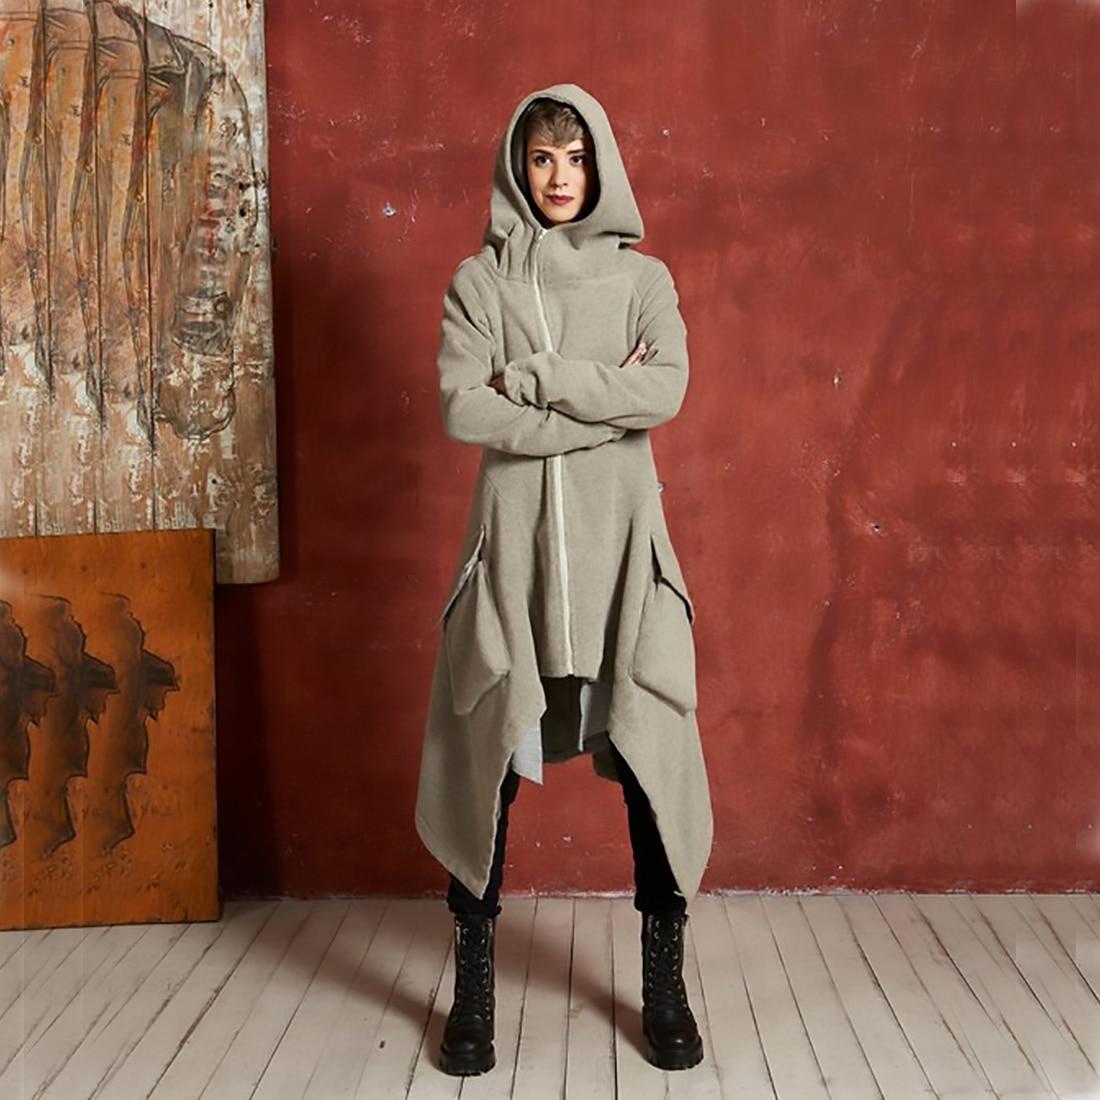 ecf76e2f863 2018 Winter Women S Hooded Zipper Long-Sleeved Fleece Irregular ...